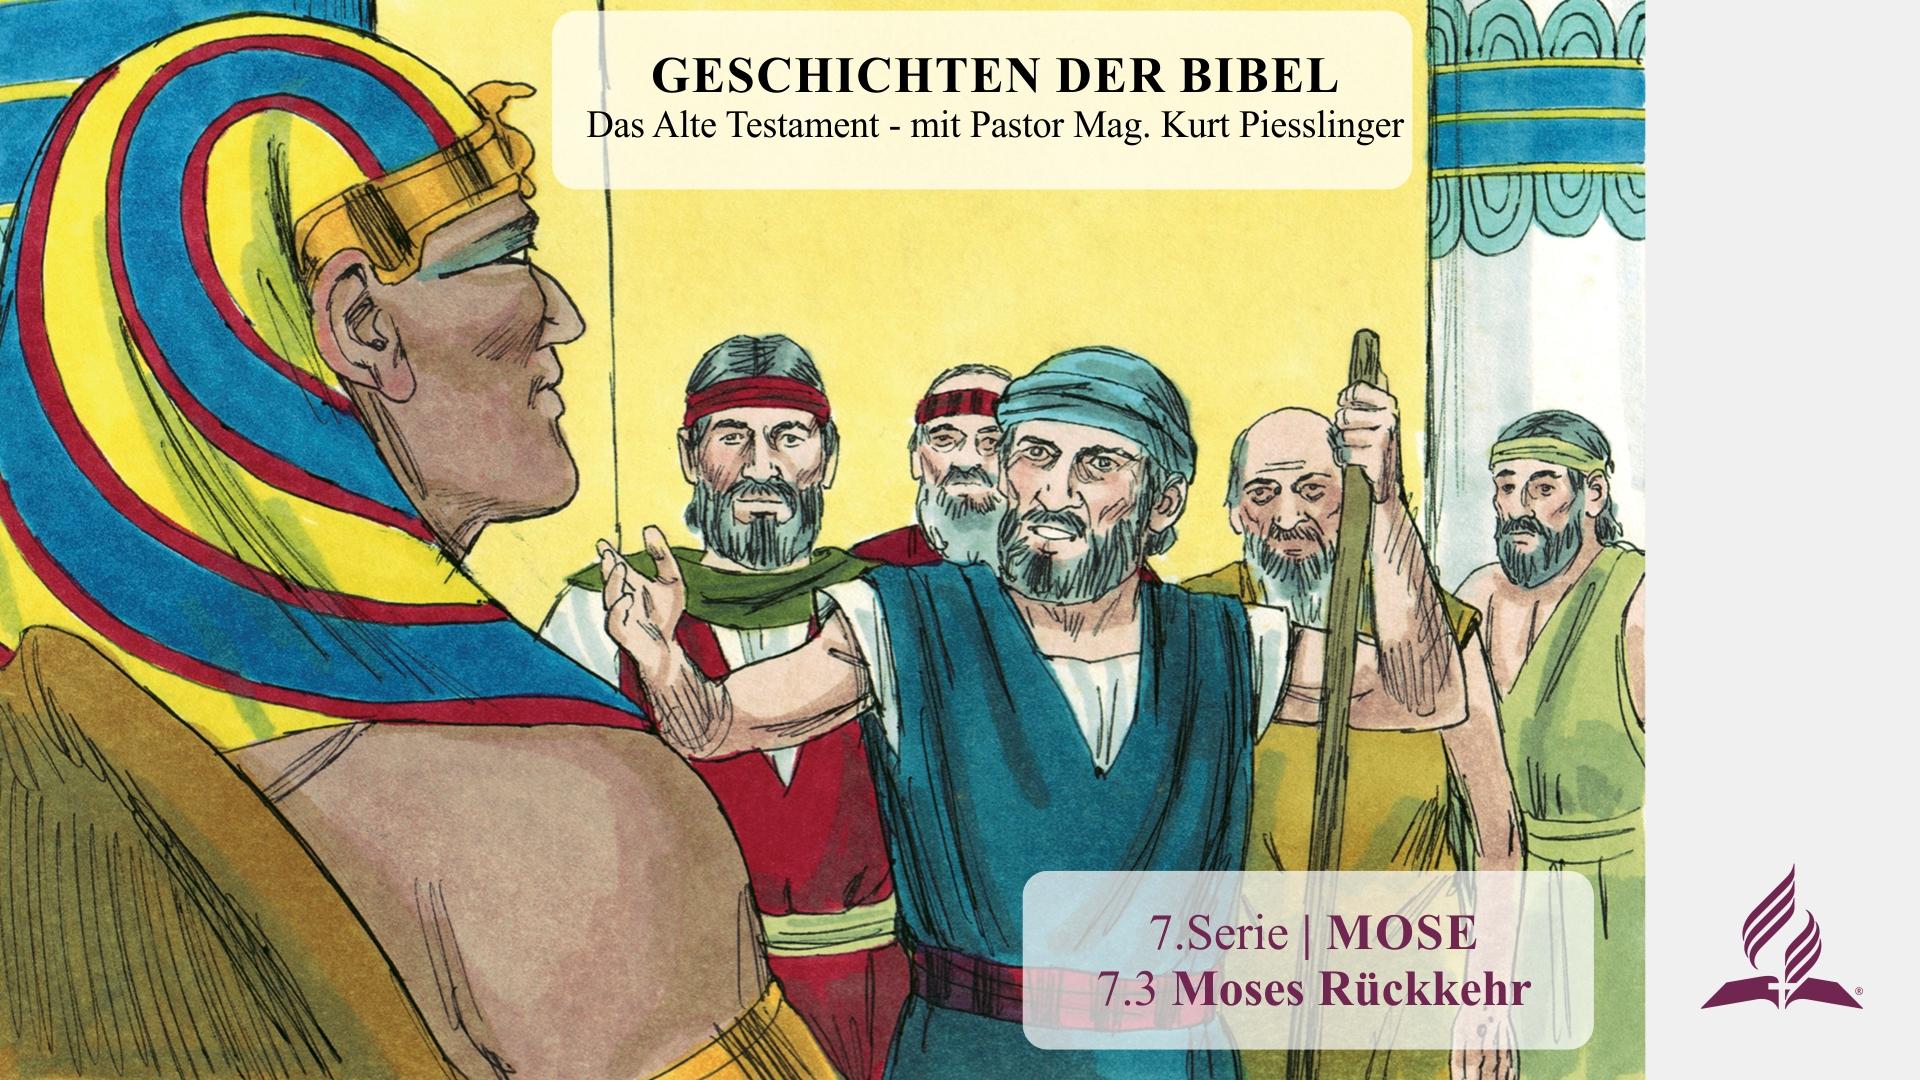 7.3 Moses Rückkehr x